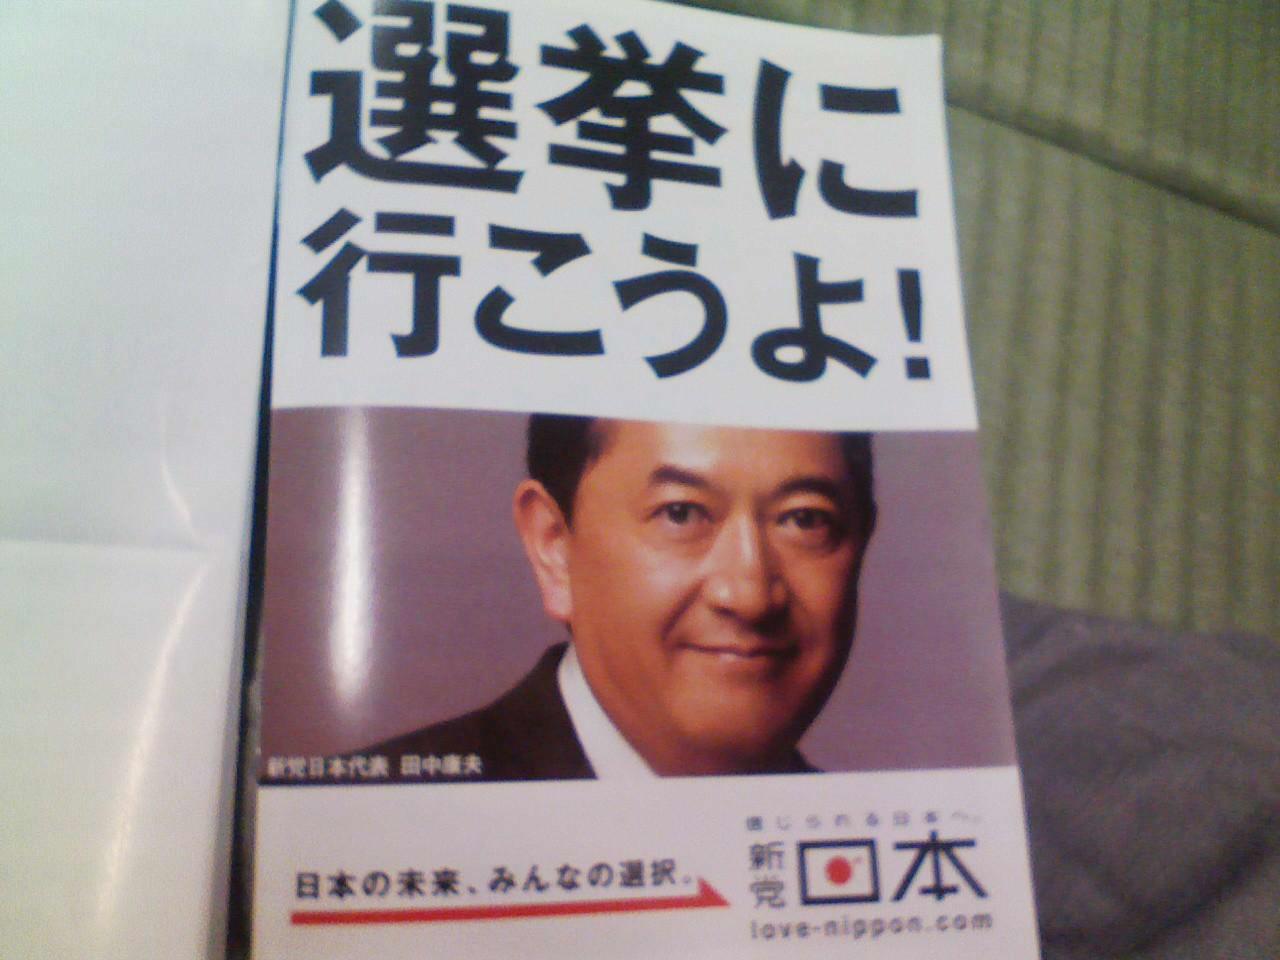 田中康夫氏の